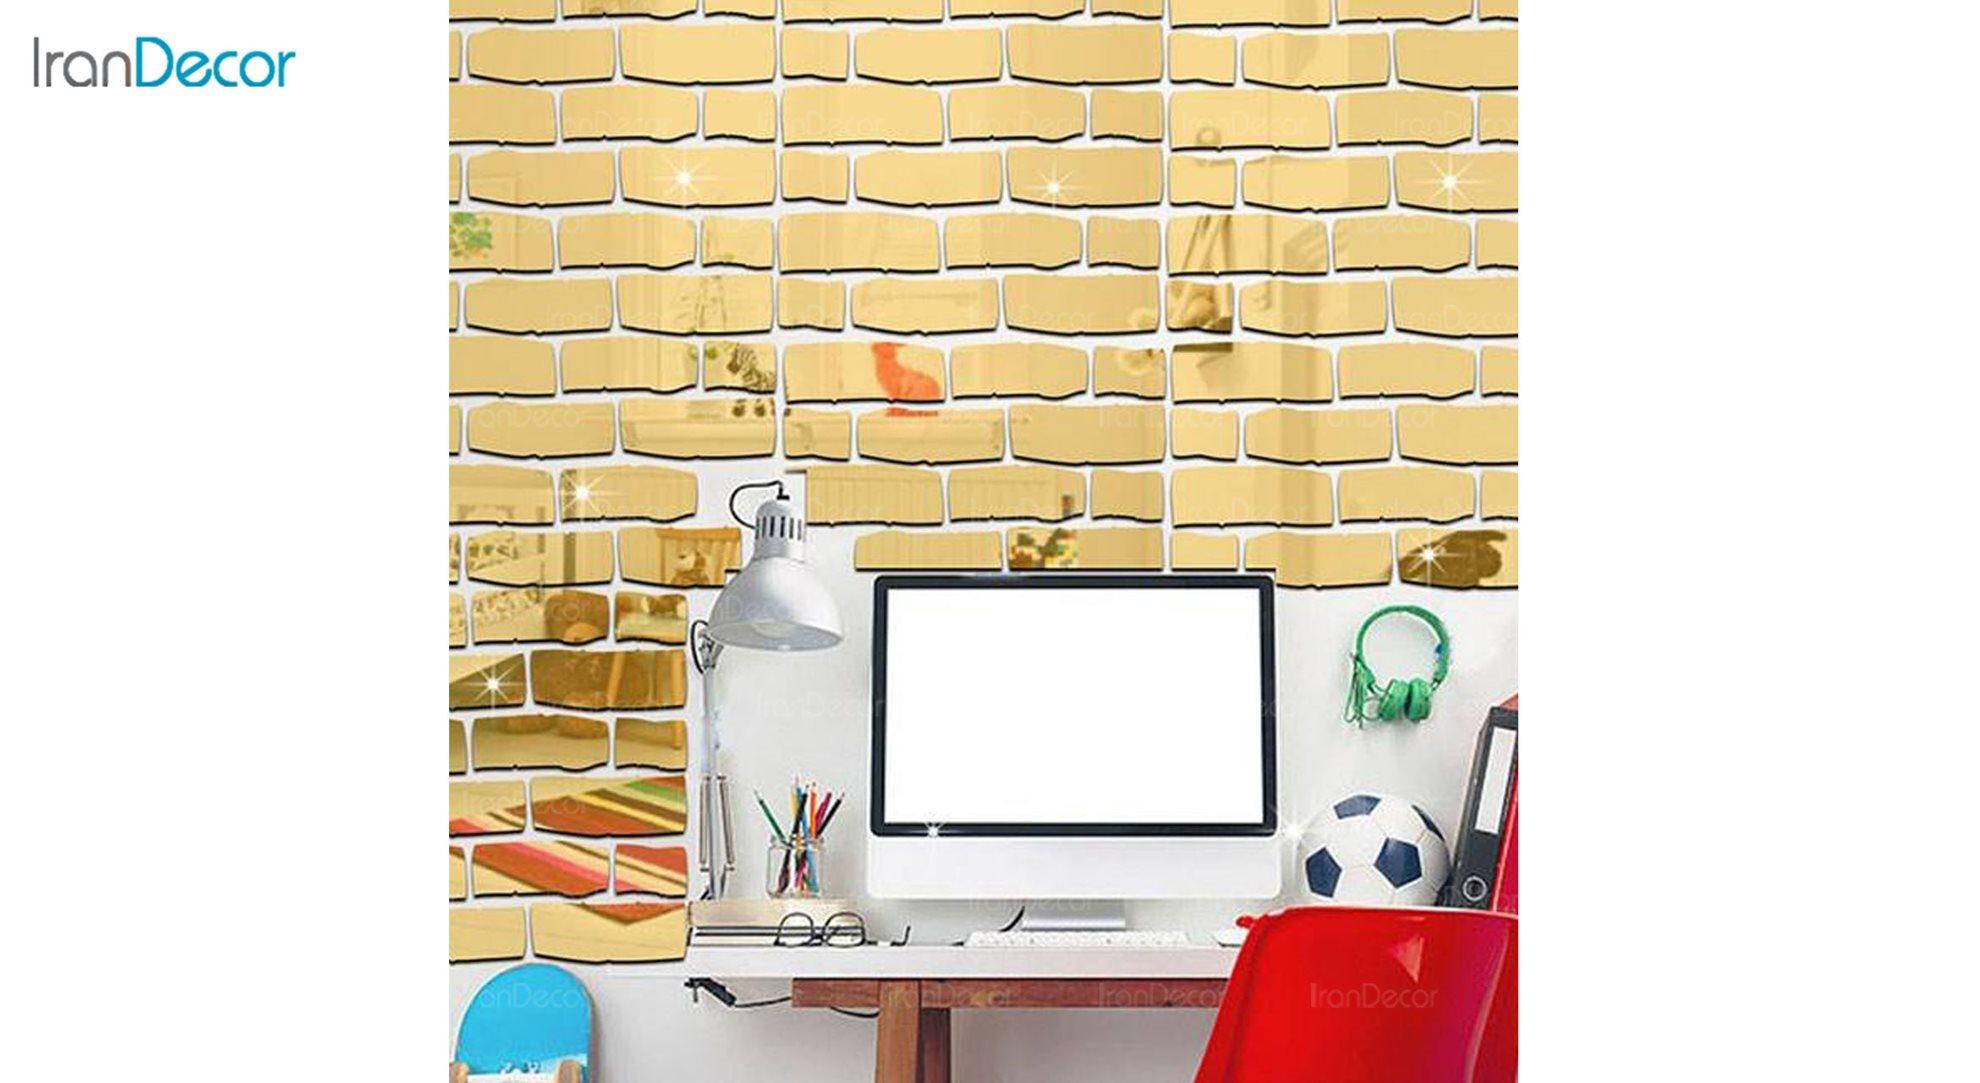 آینه پلکسی رومادون طرح آجر کد 402 طلایی